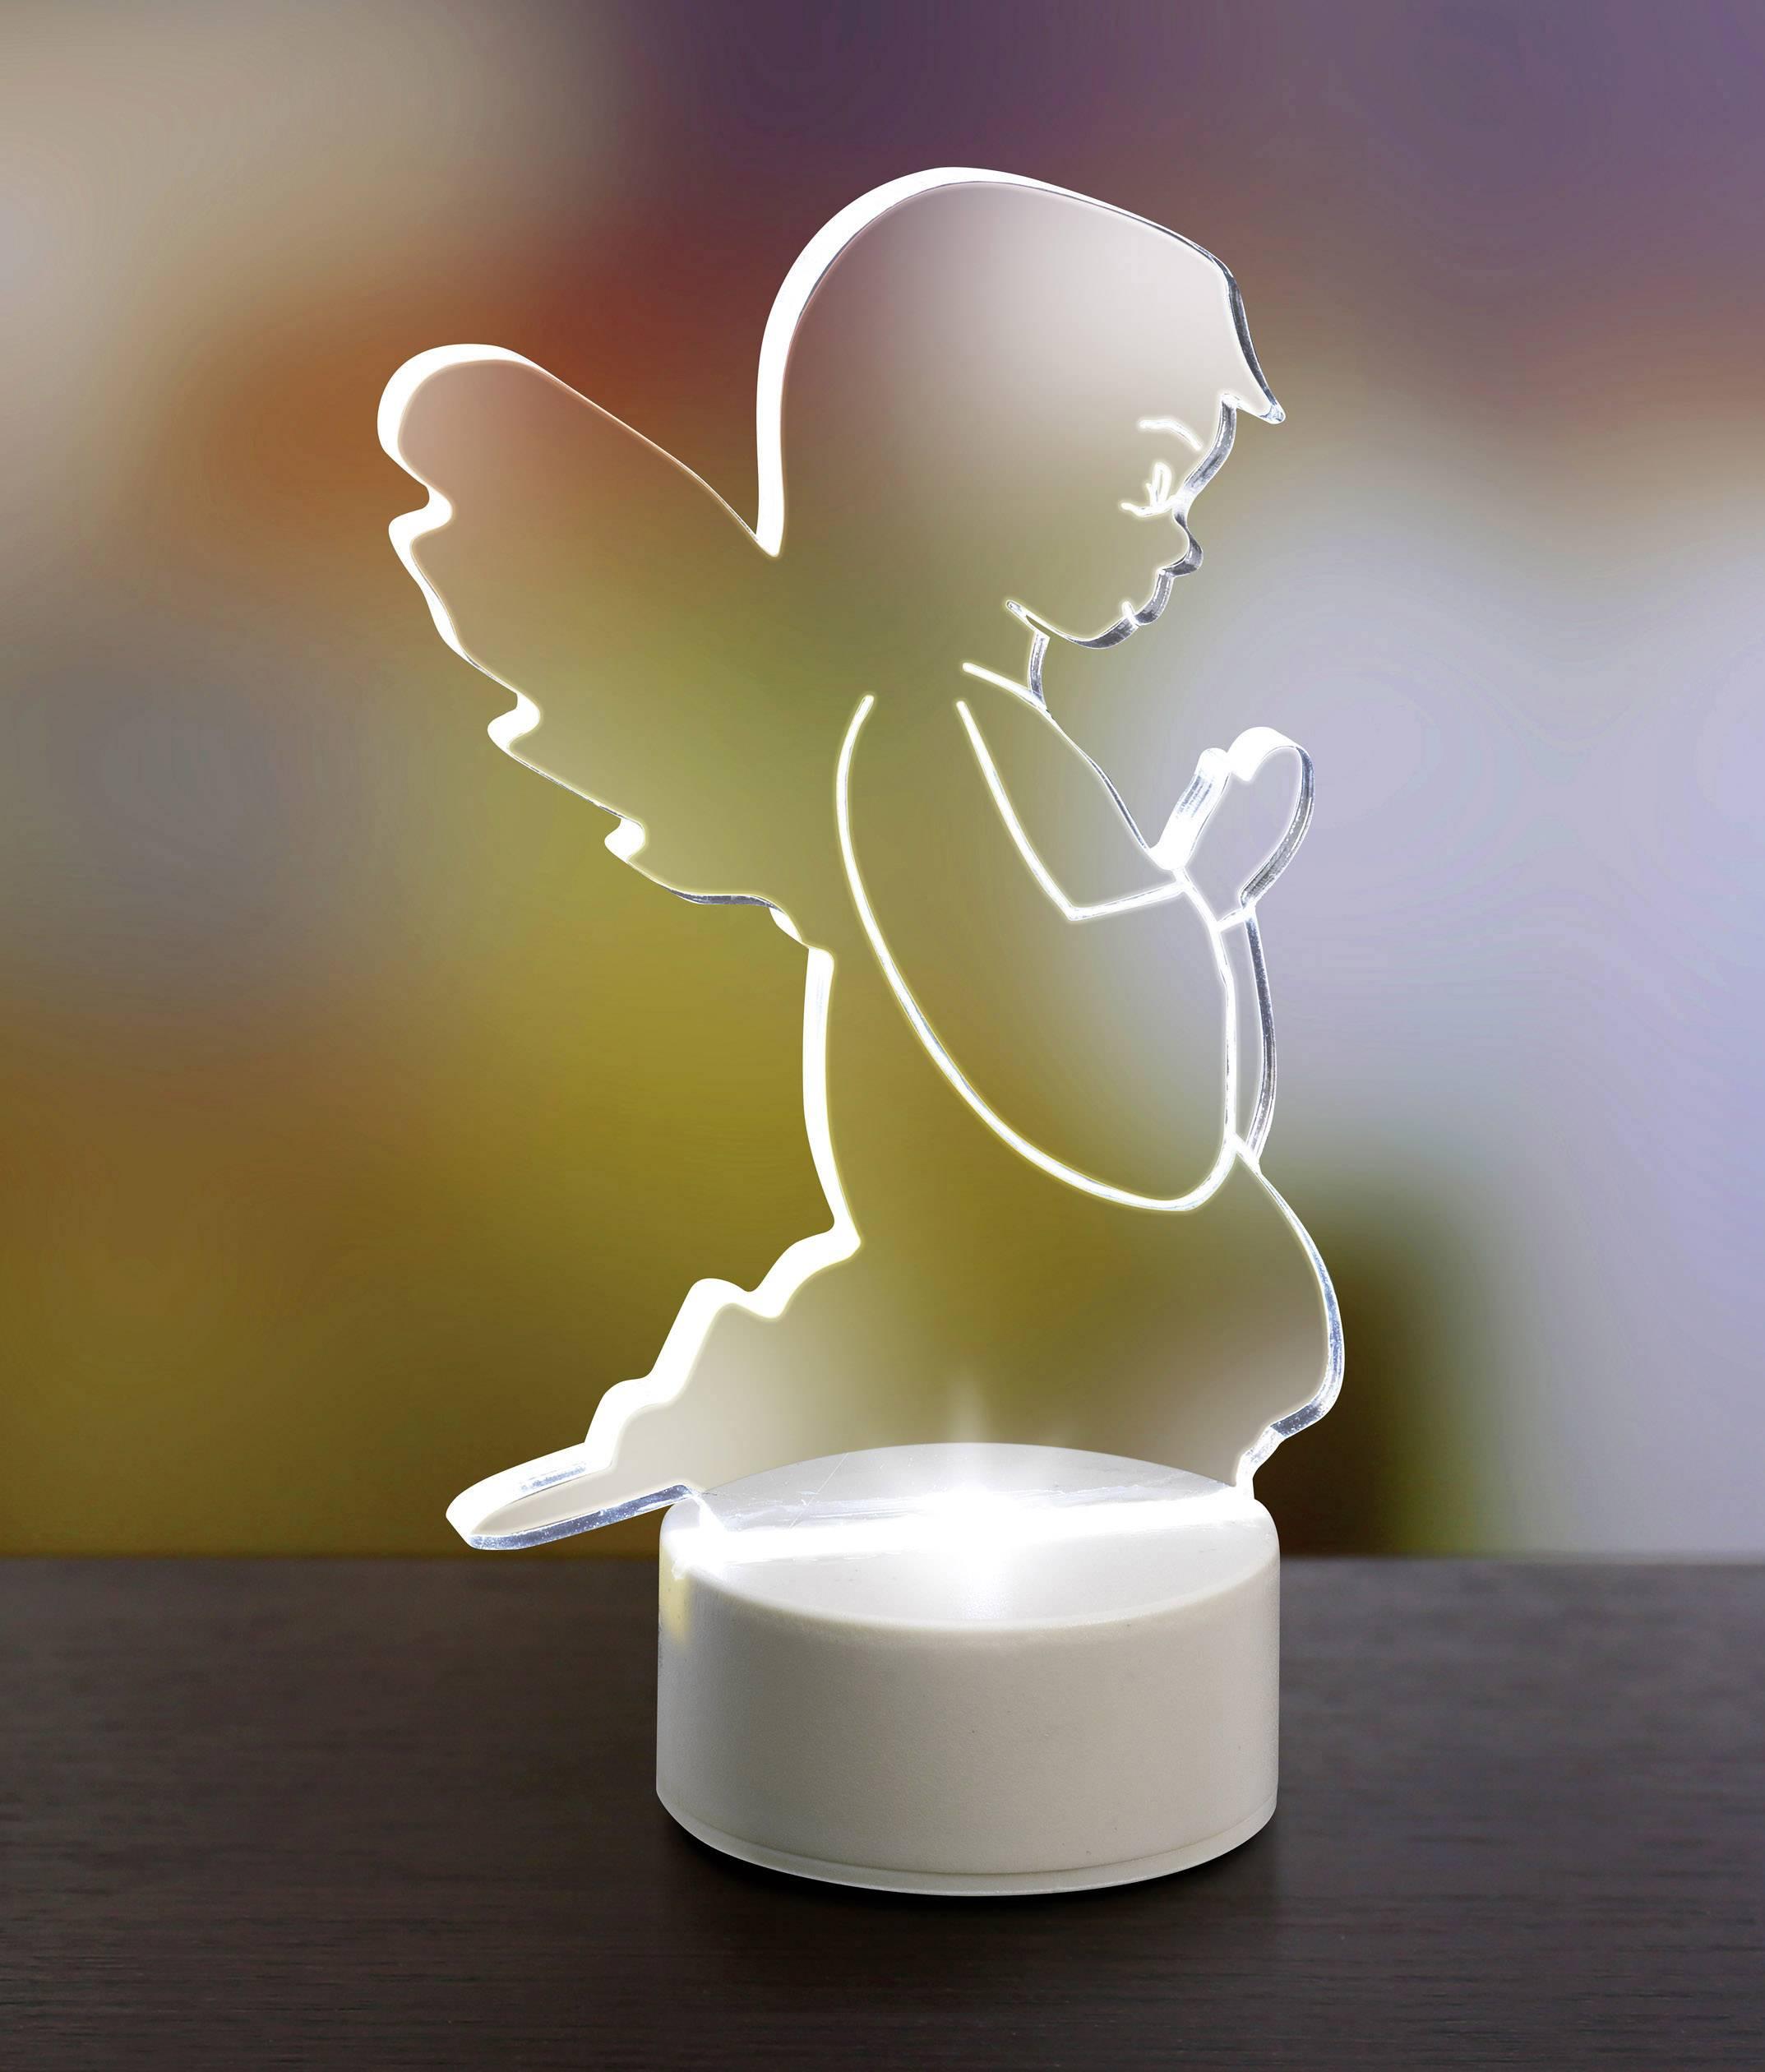 Anjel LED vianočná dekorácia LED Polarlite LBA-51-010, priehľadná